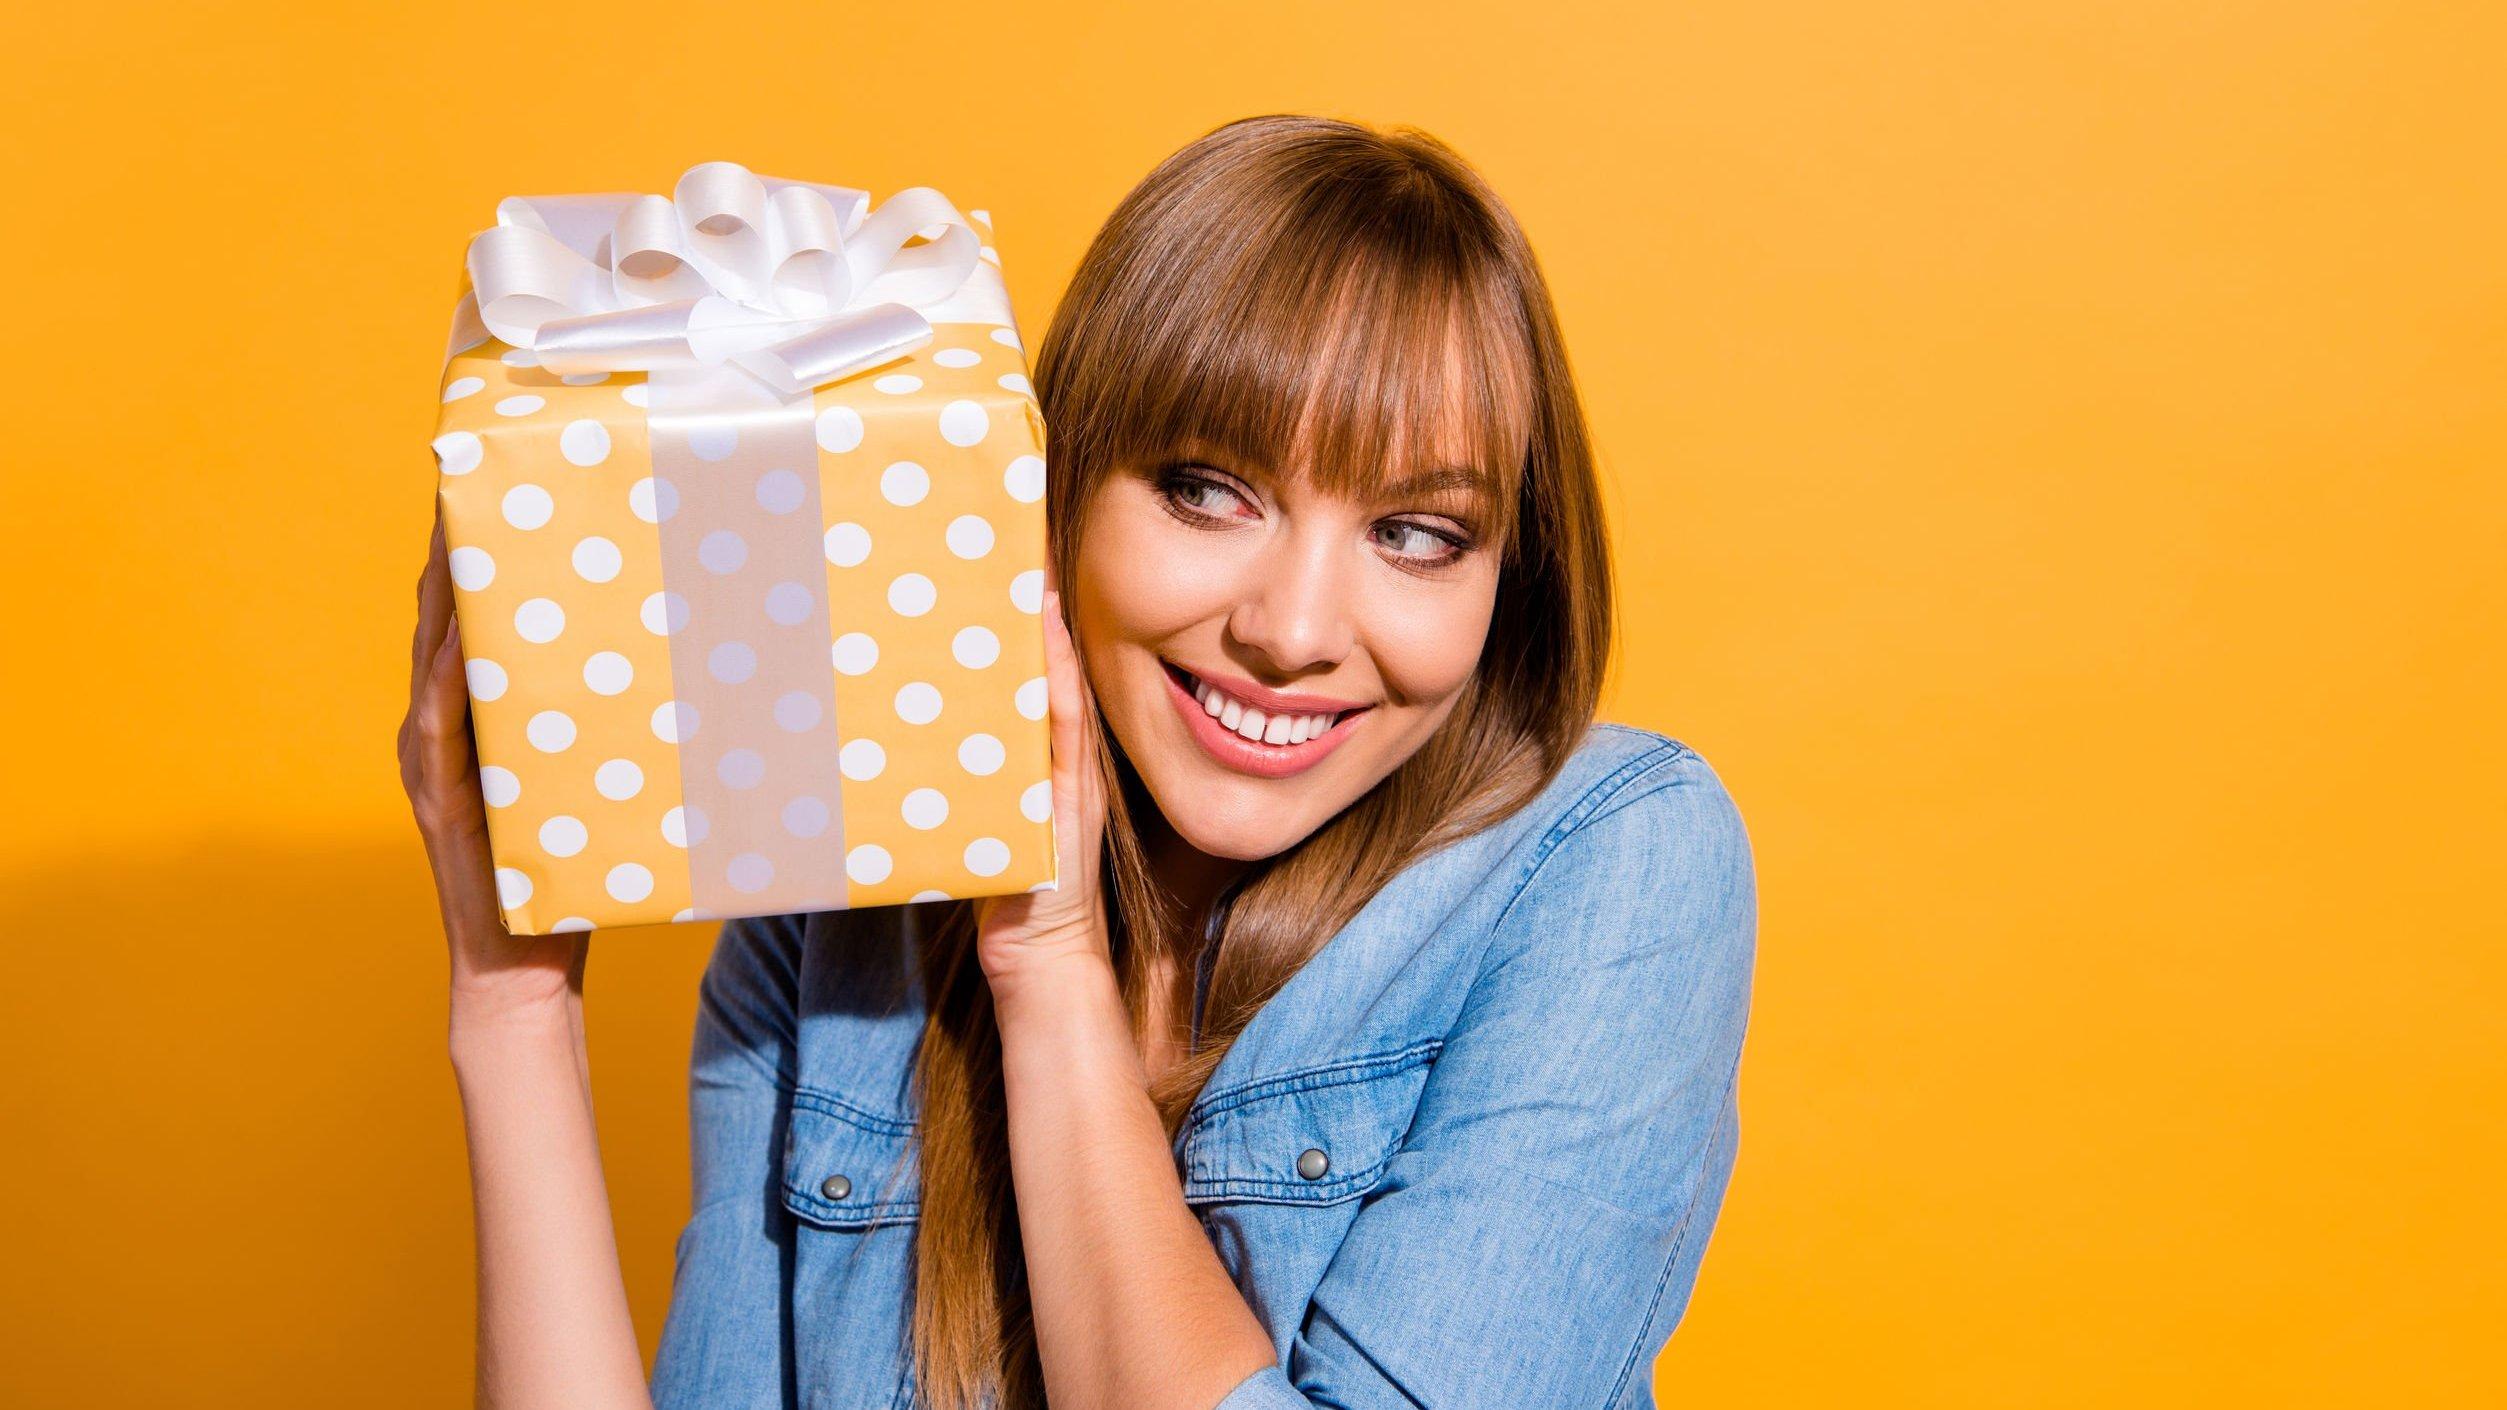 Mulher sorridente segurando caixa de presente.